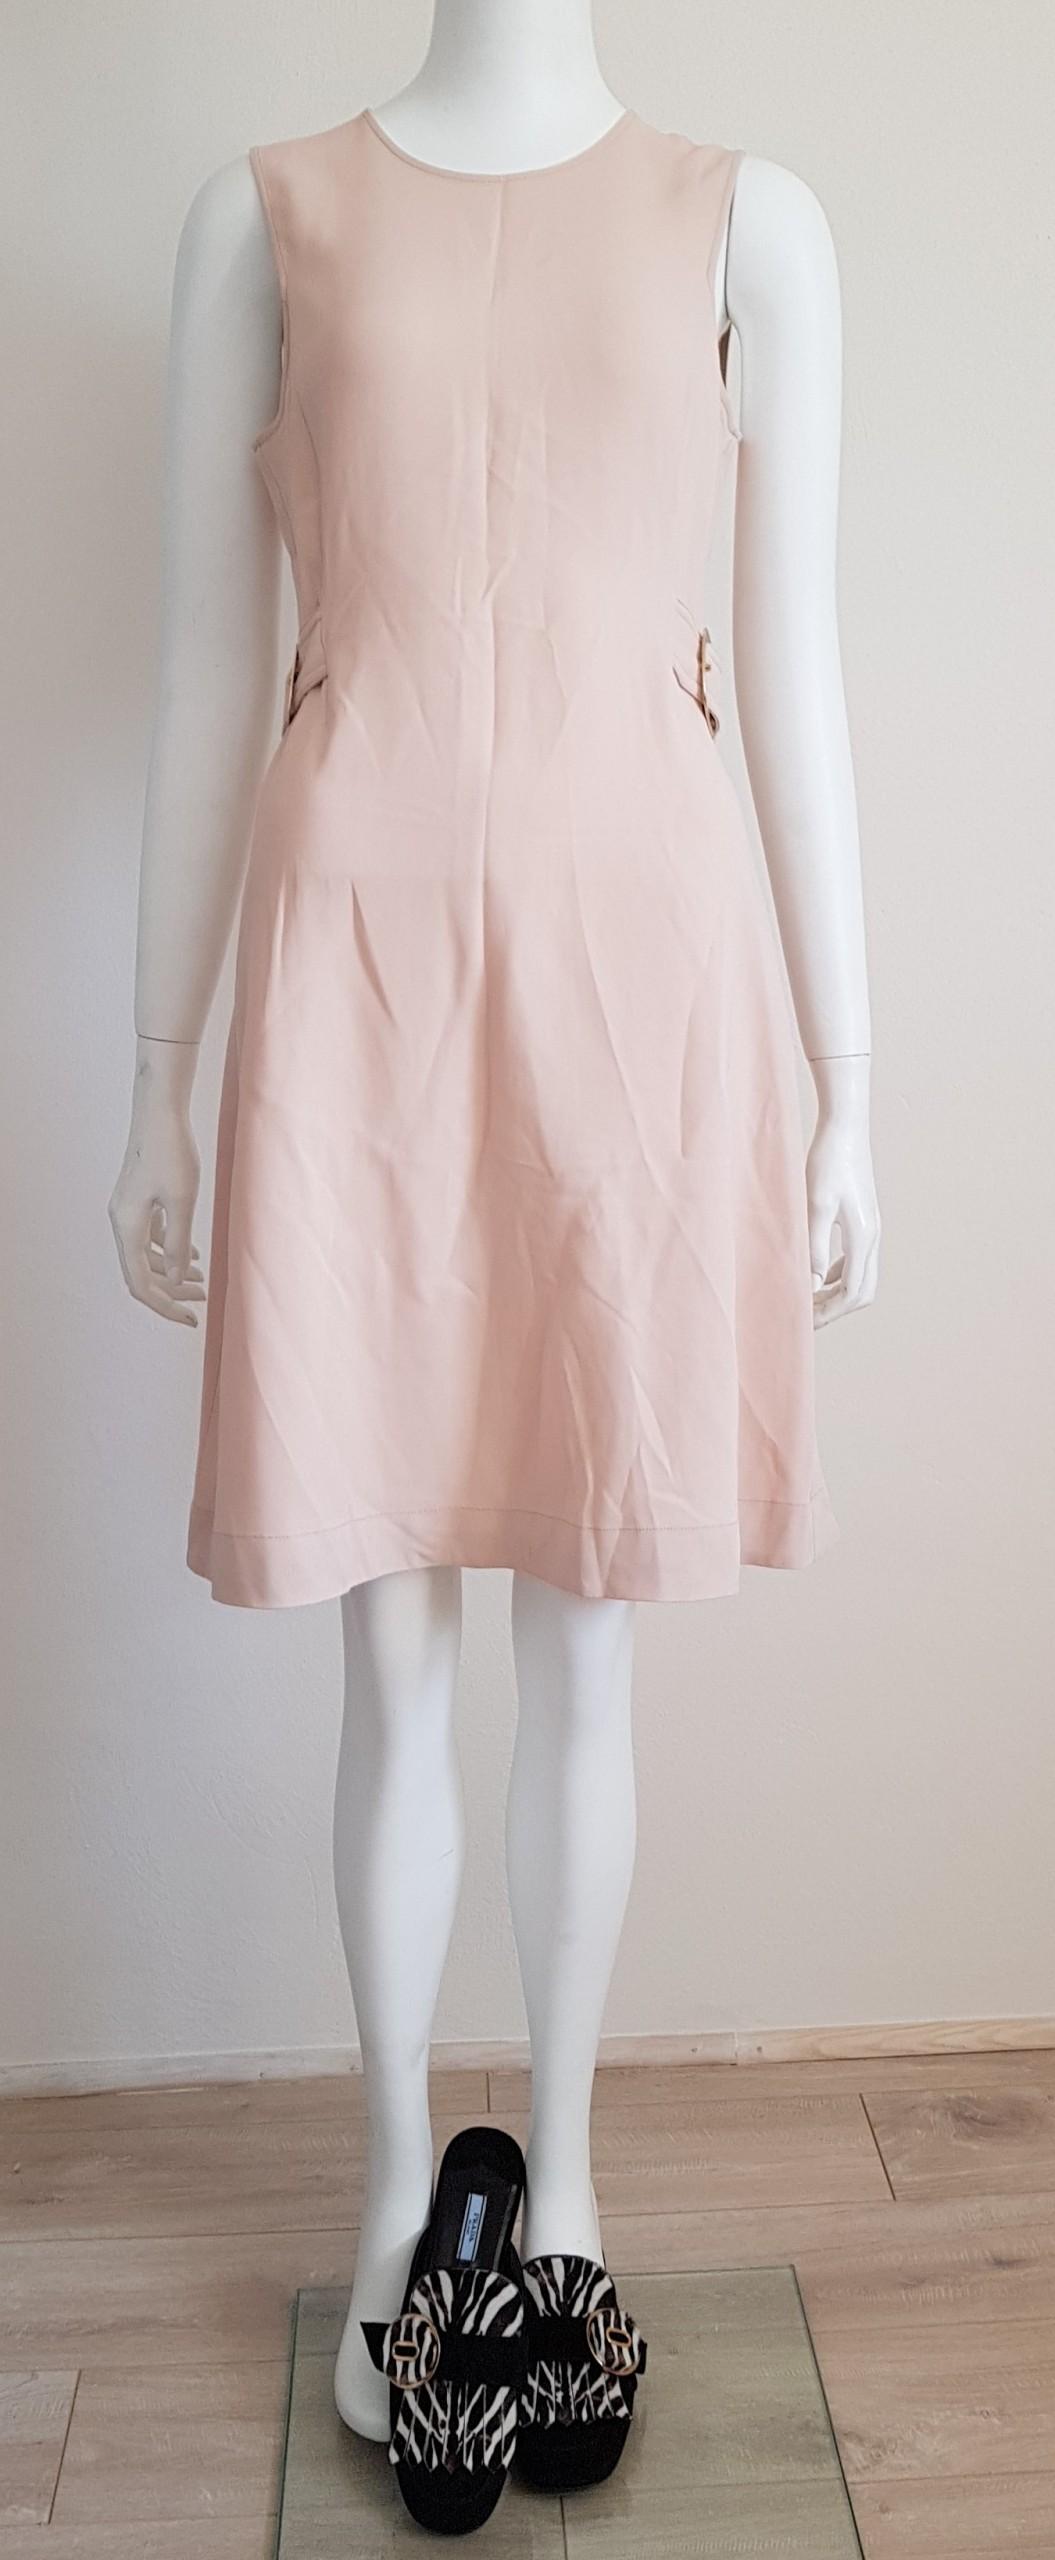 e4f056b12e8951 Stella McCartney sukienka pudrowy róż - 7477428152 - oficjalne ...